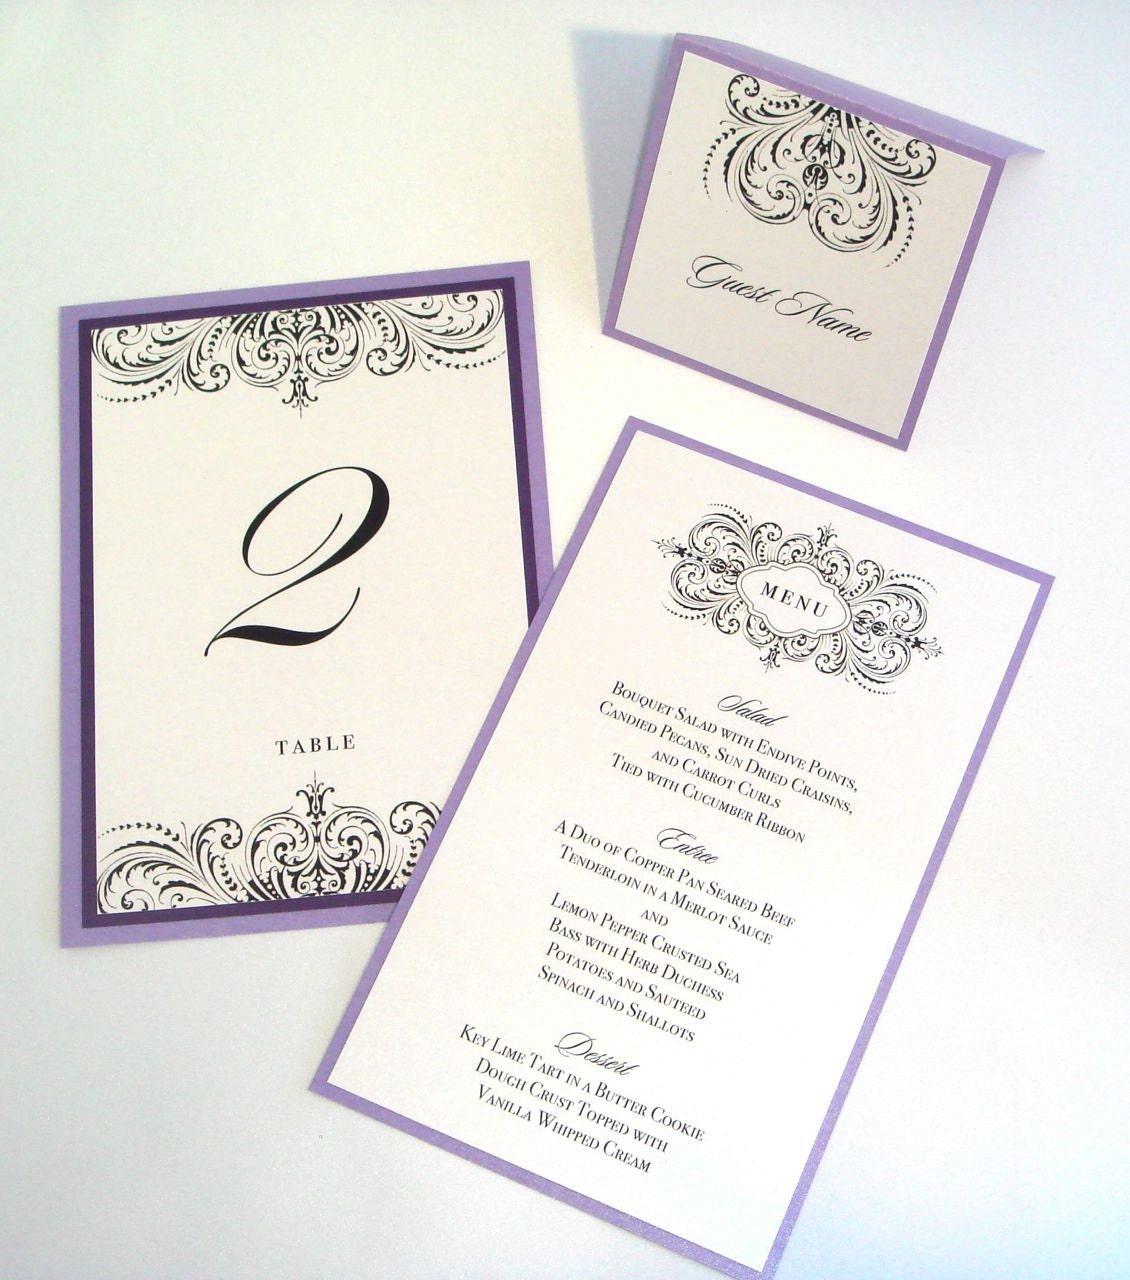 Menu Cards For Wedding Receptions: Thalia Scroll Wedding Reception Items Menu By